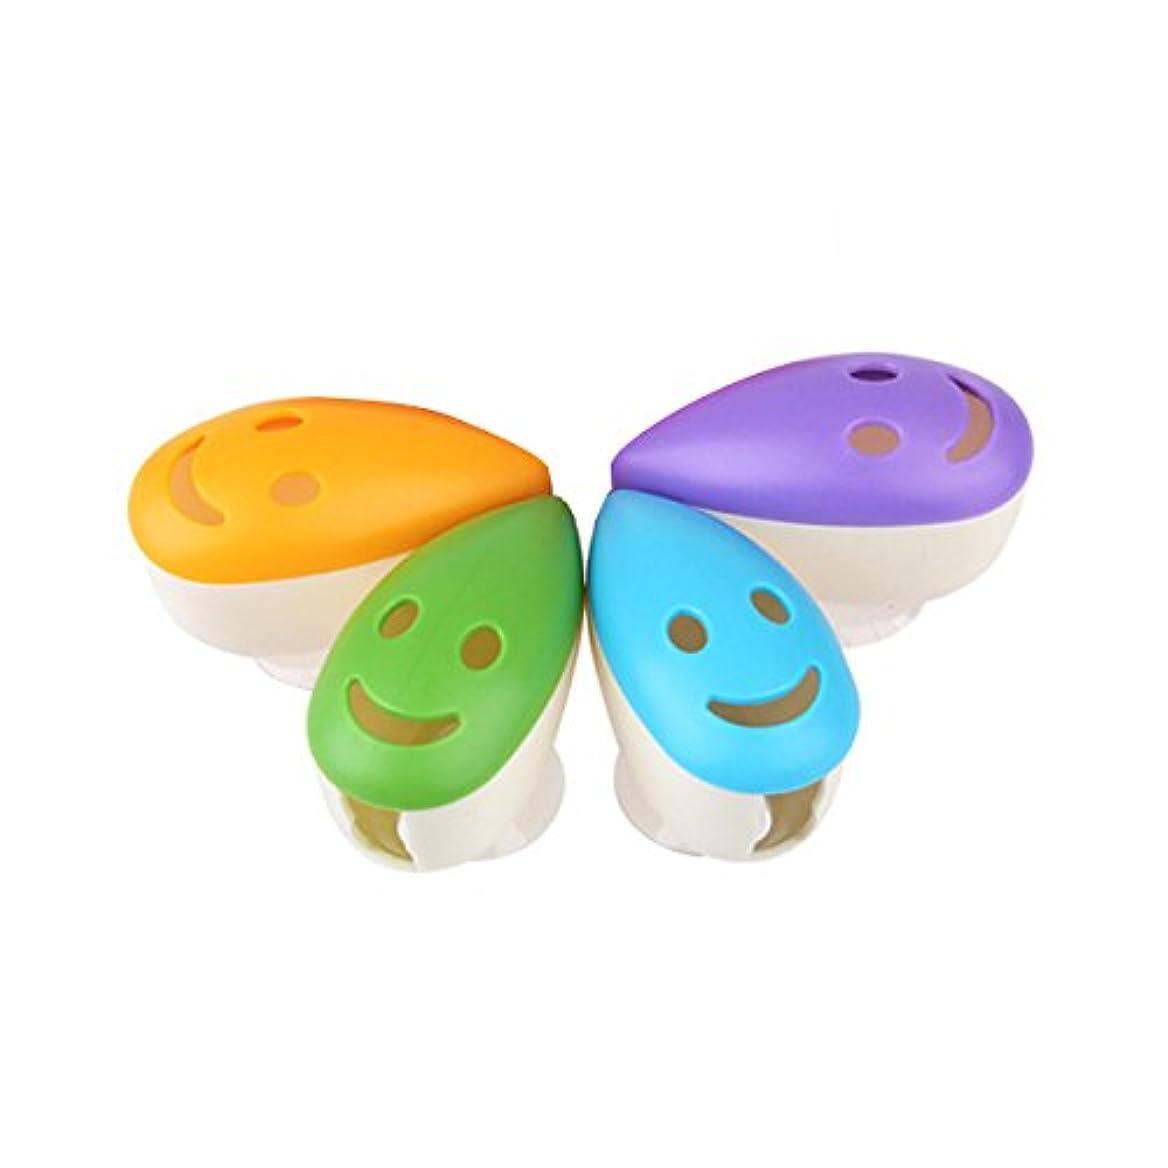 証人ロードされたステーキROSENICE スマイルフェイス抗菌歯ブラシヘッドホルダーサクションカップ4本用